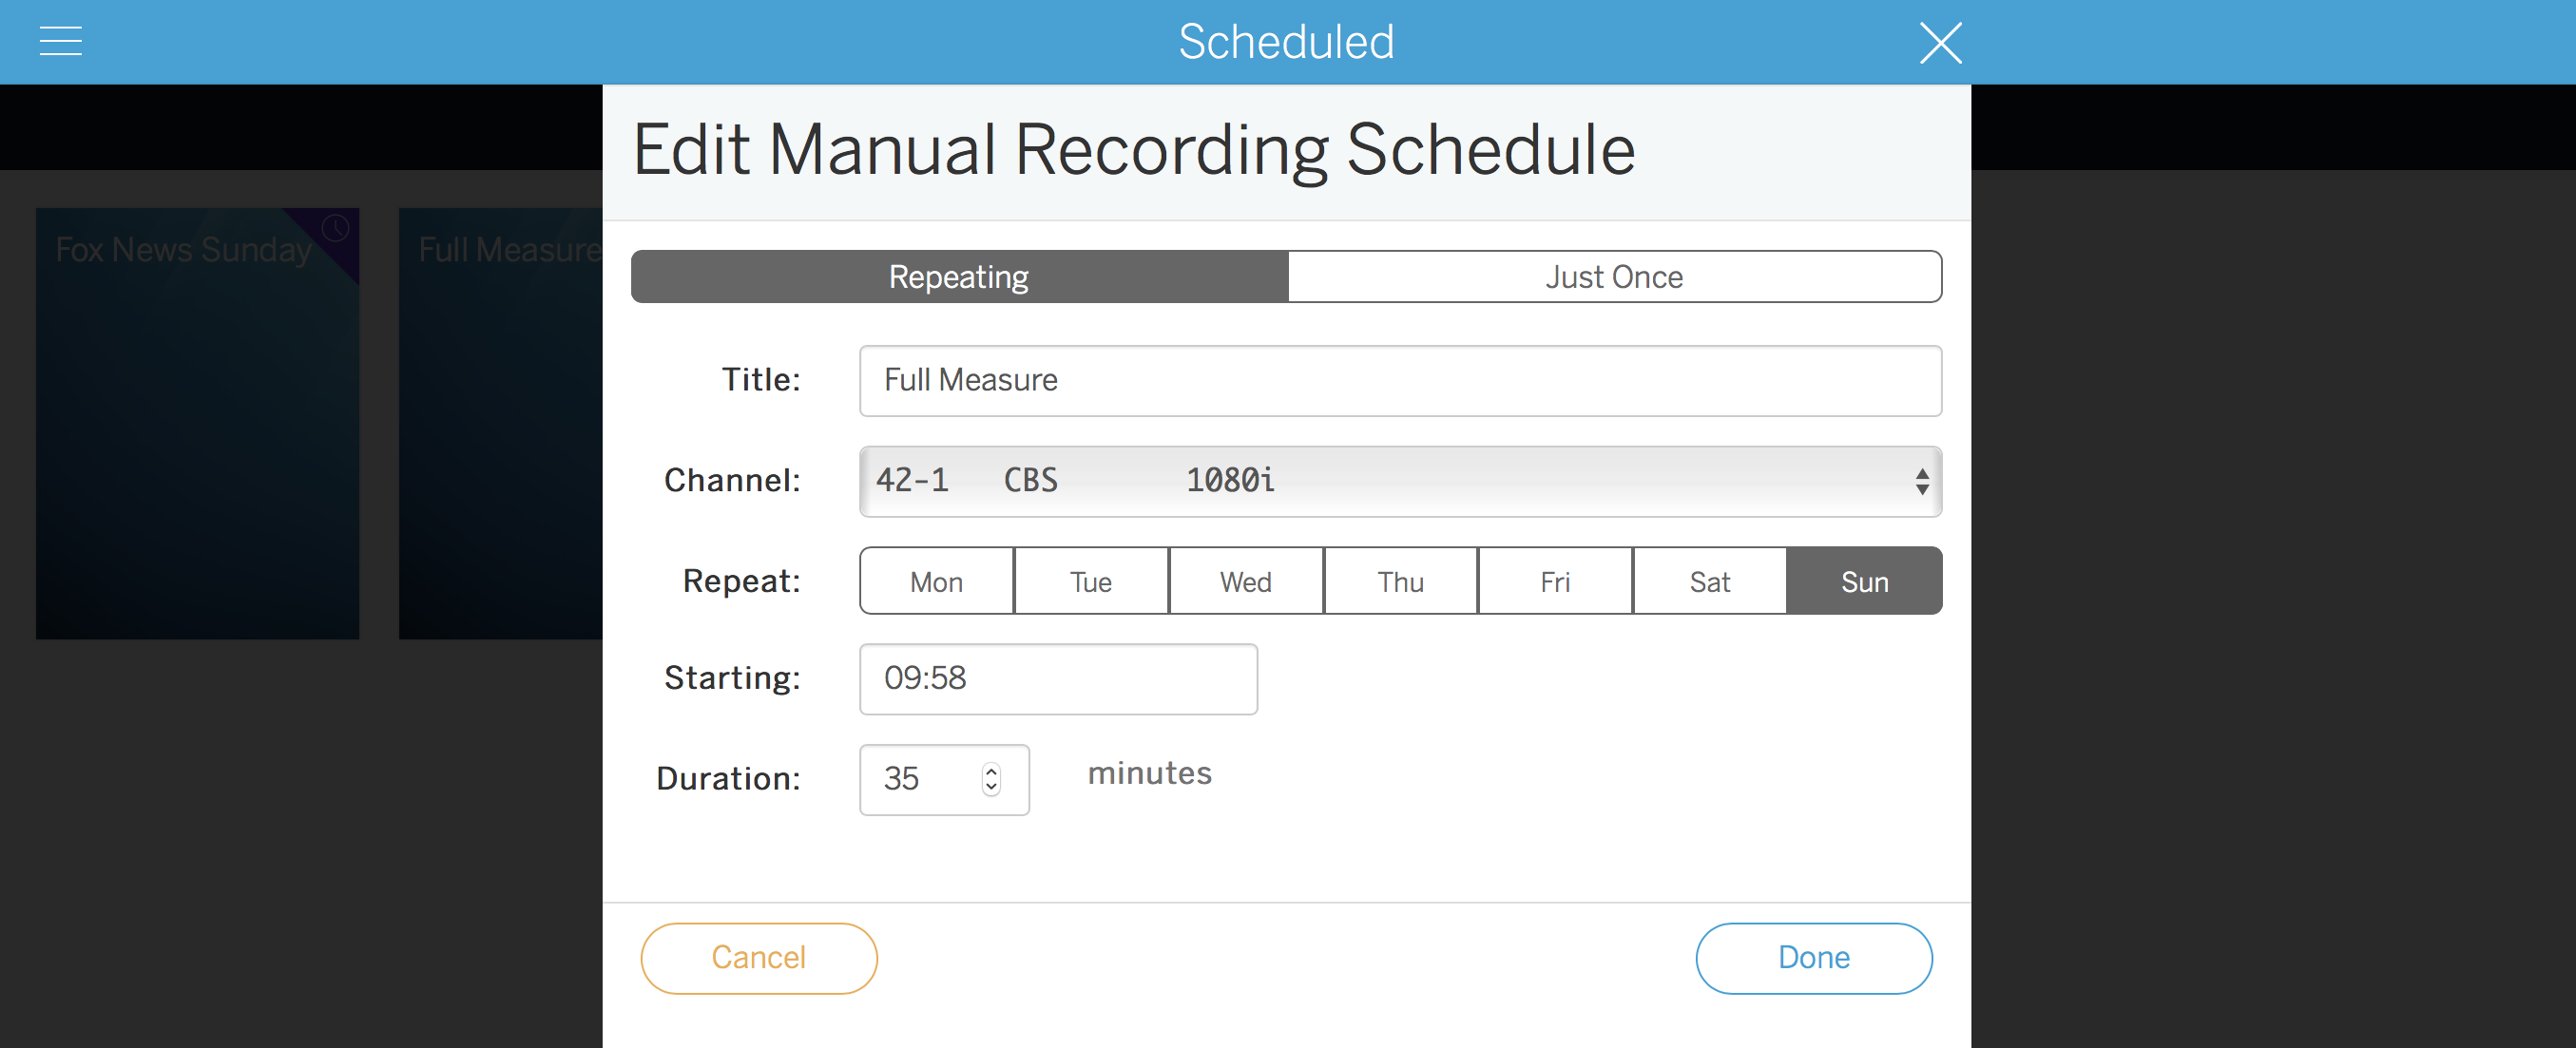 Tablo Edit Manual Recording